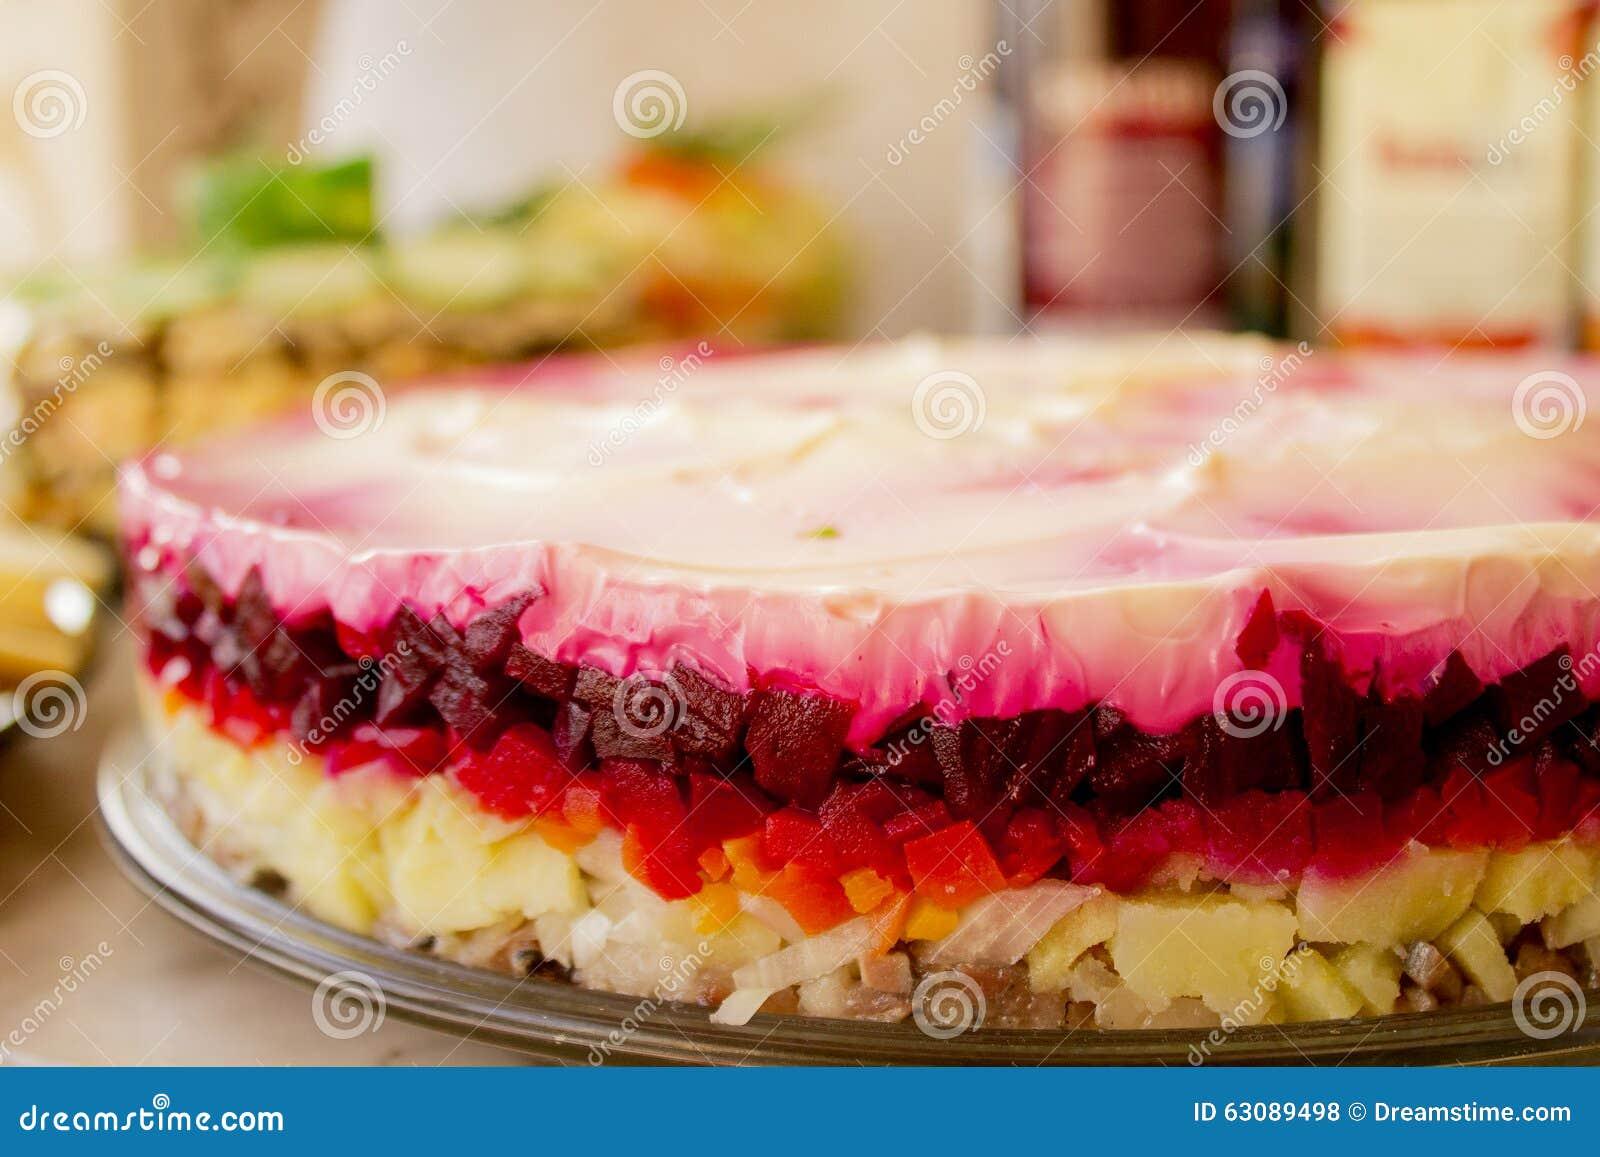 Download Salade photo stock. Image du apéritif, homemade, couleur - 63089498